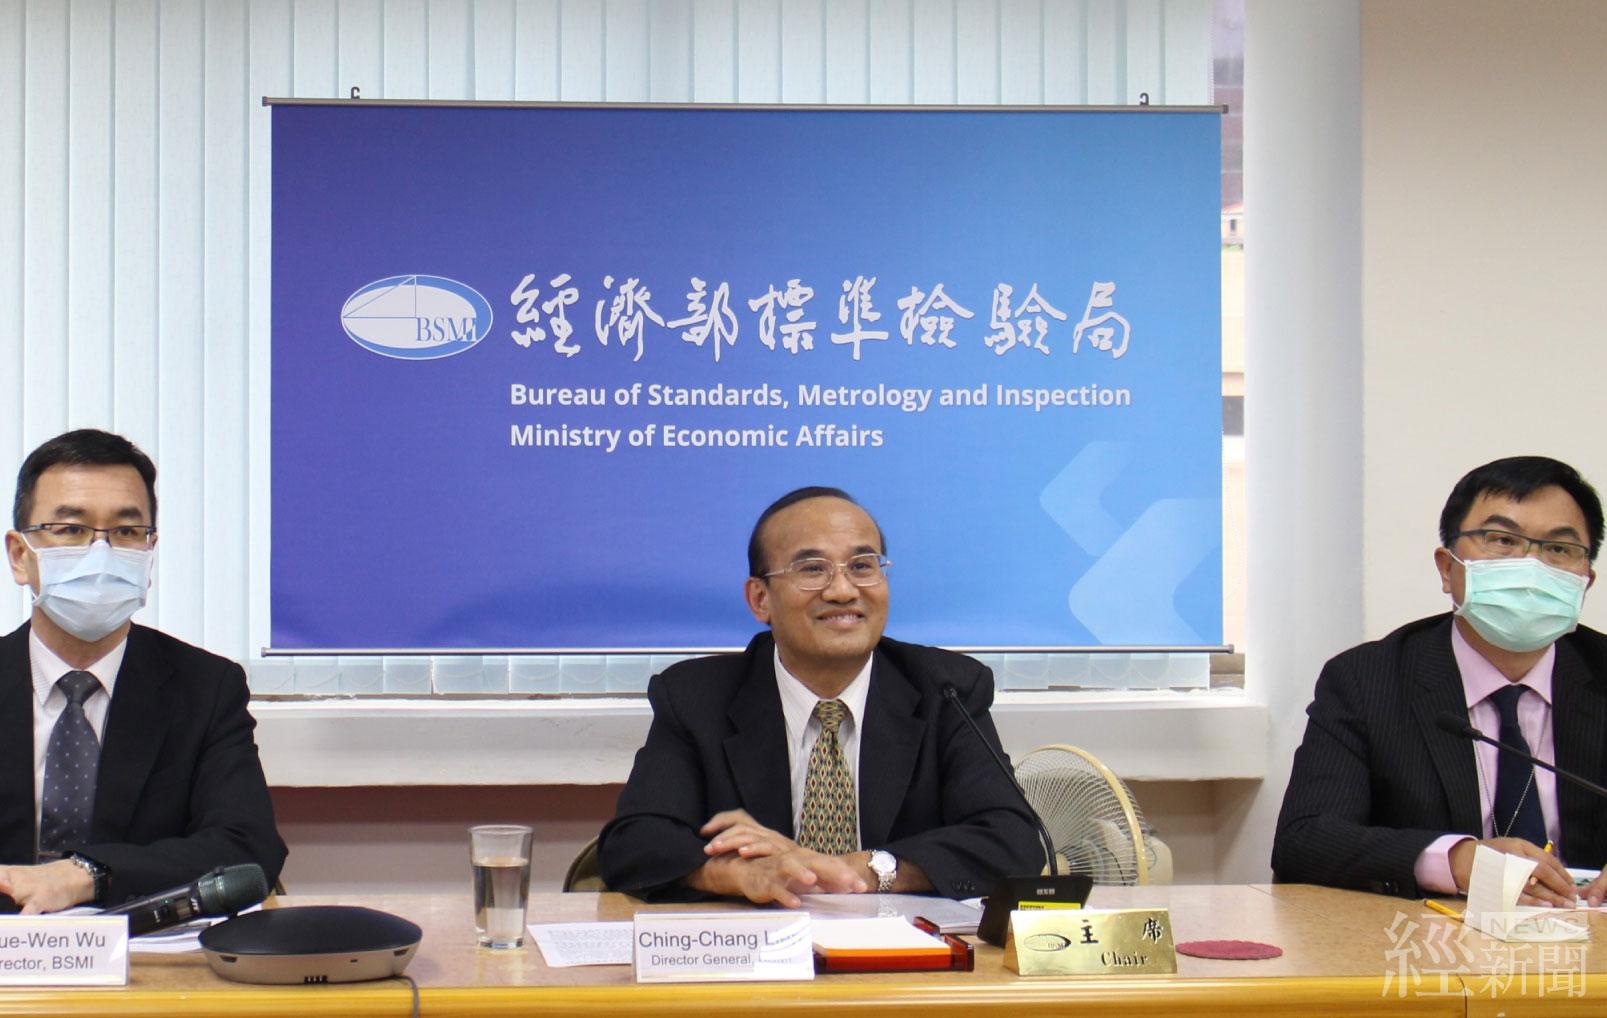 經濟部標準檢驗局與伊斯蘭國家標準及度量衡局(SMIIC)共同舉辦清真制度視訊研討會